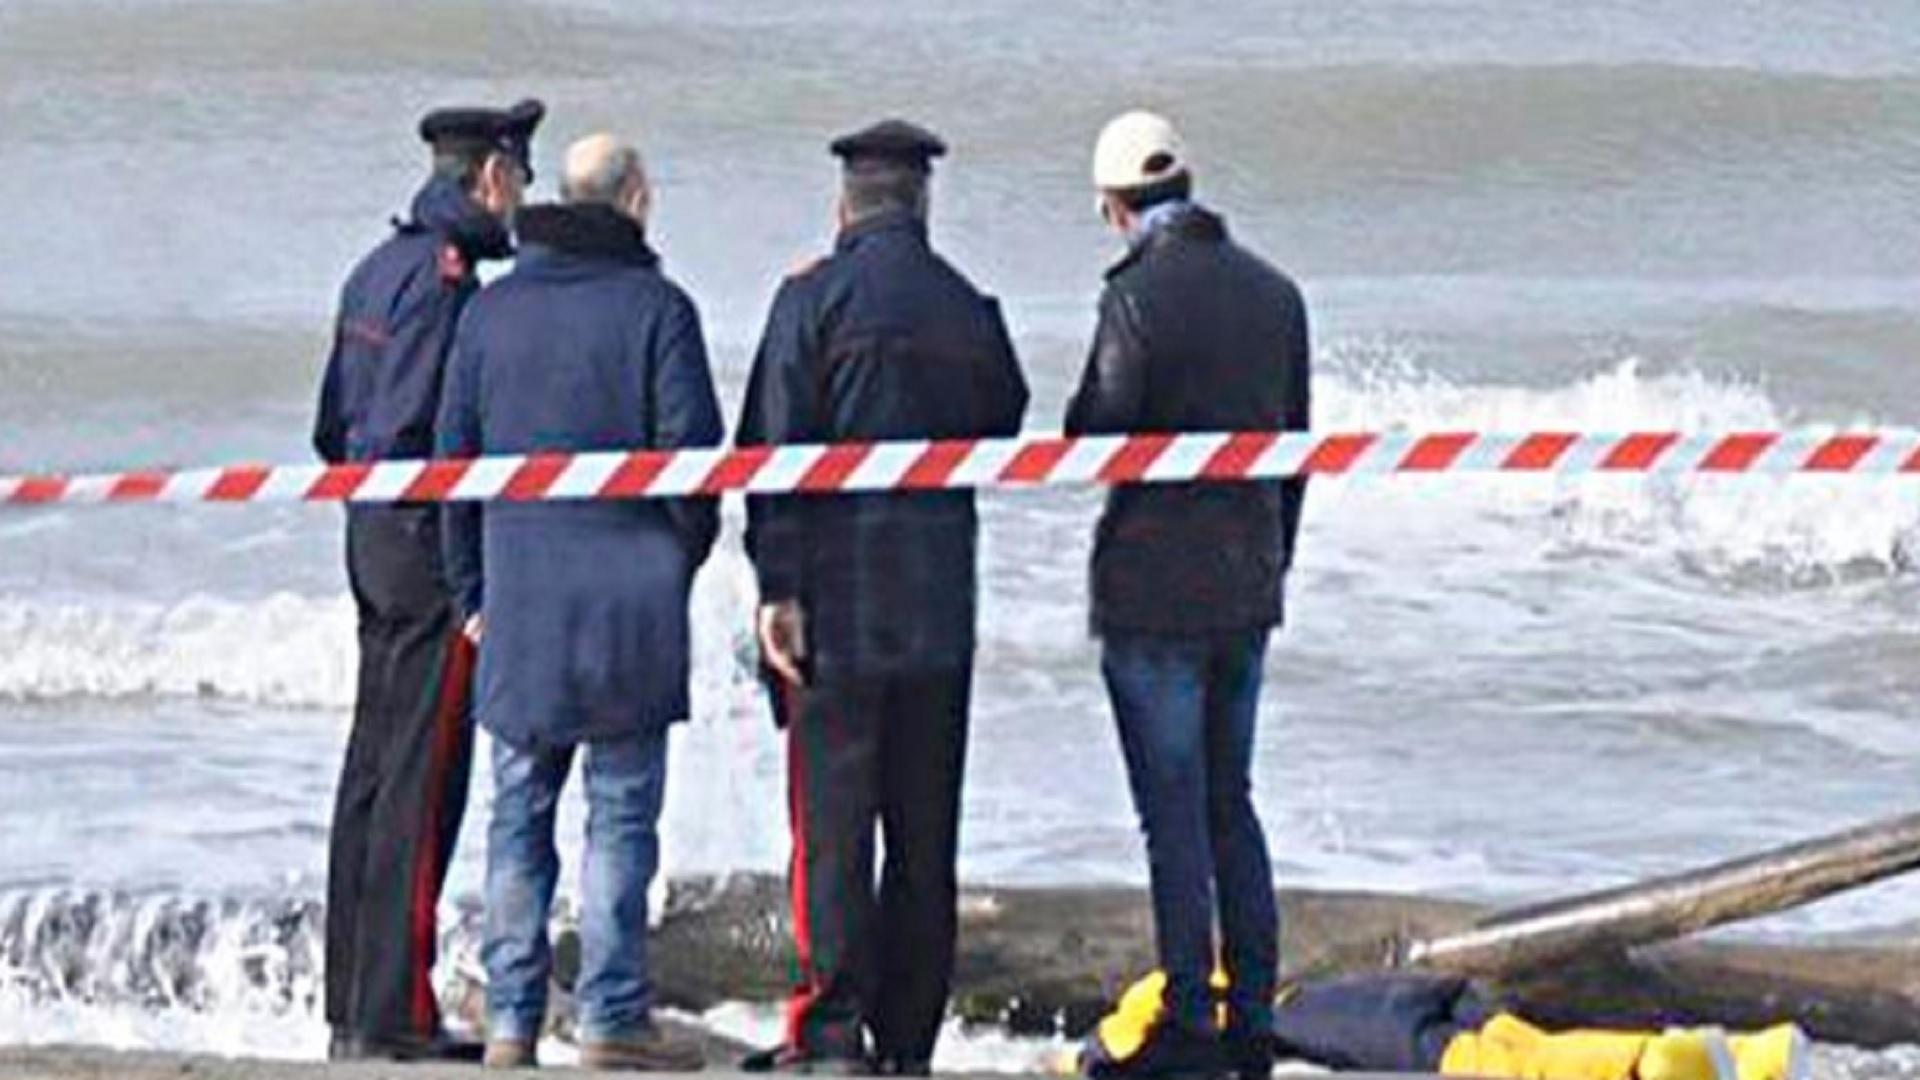 Orrore in Campania, ritrovato un altro cadavere in spiaggia: identificata la vittima